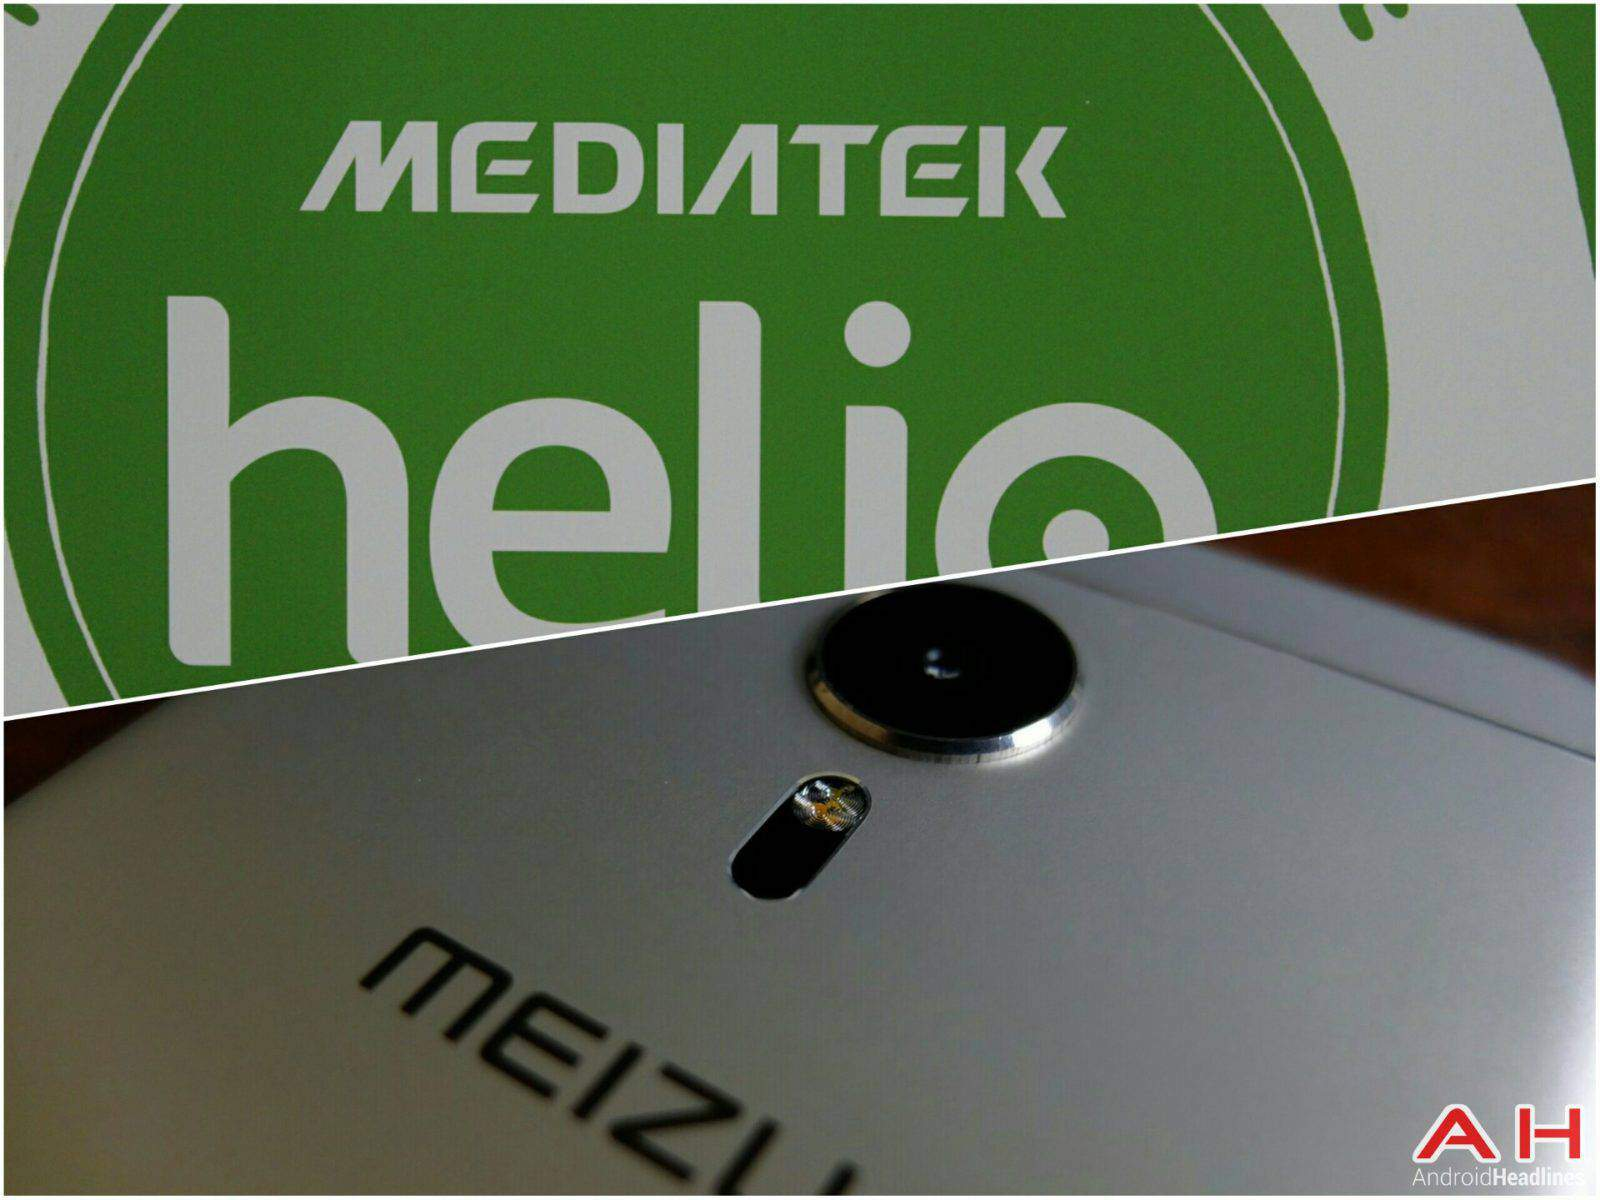 AH Mediatek Helio and Meizu_1